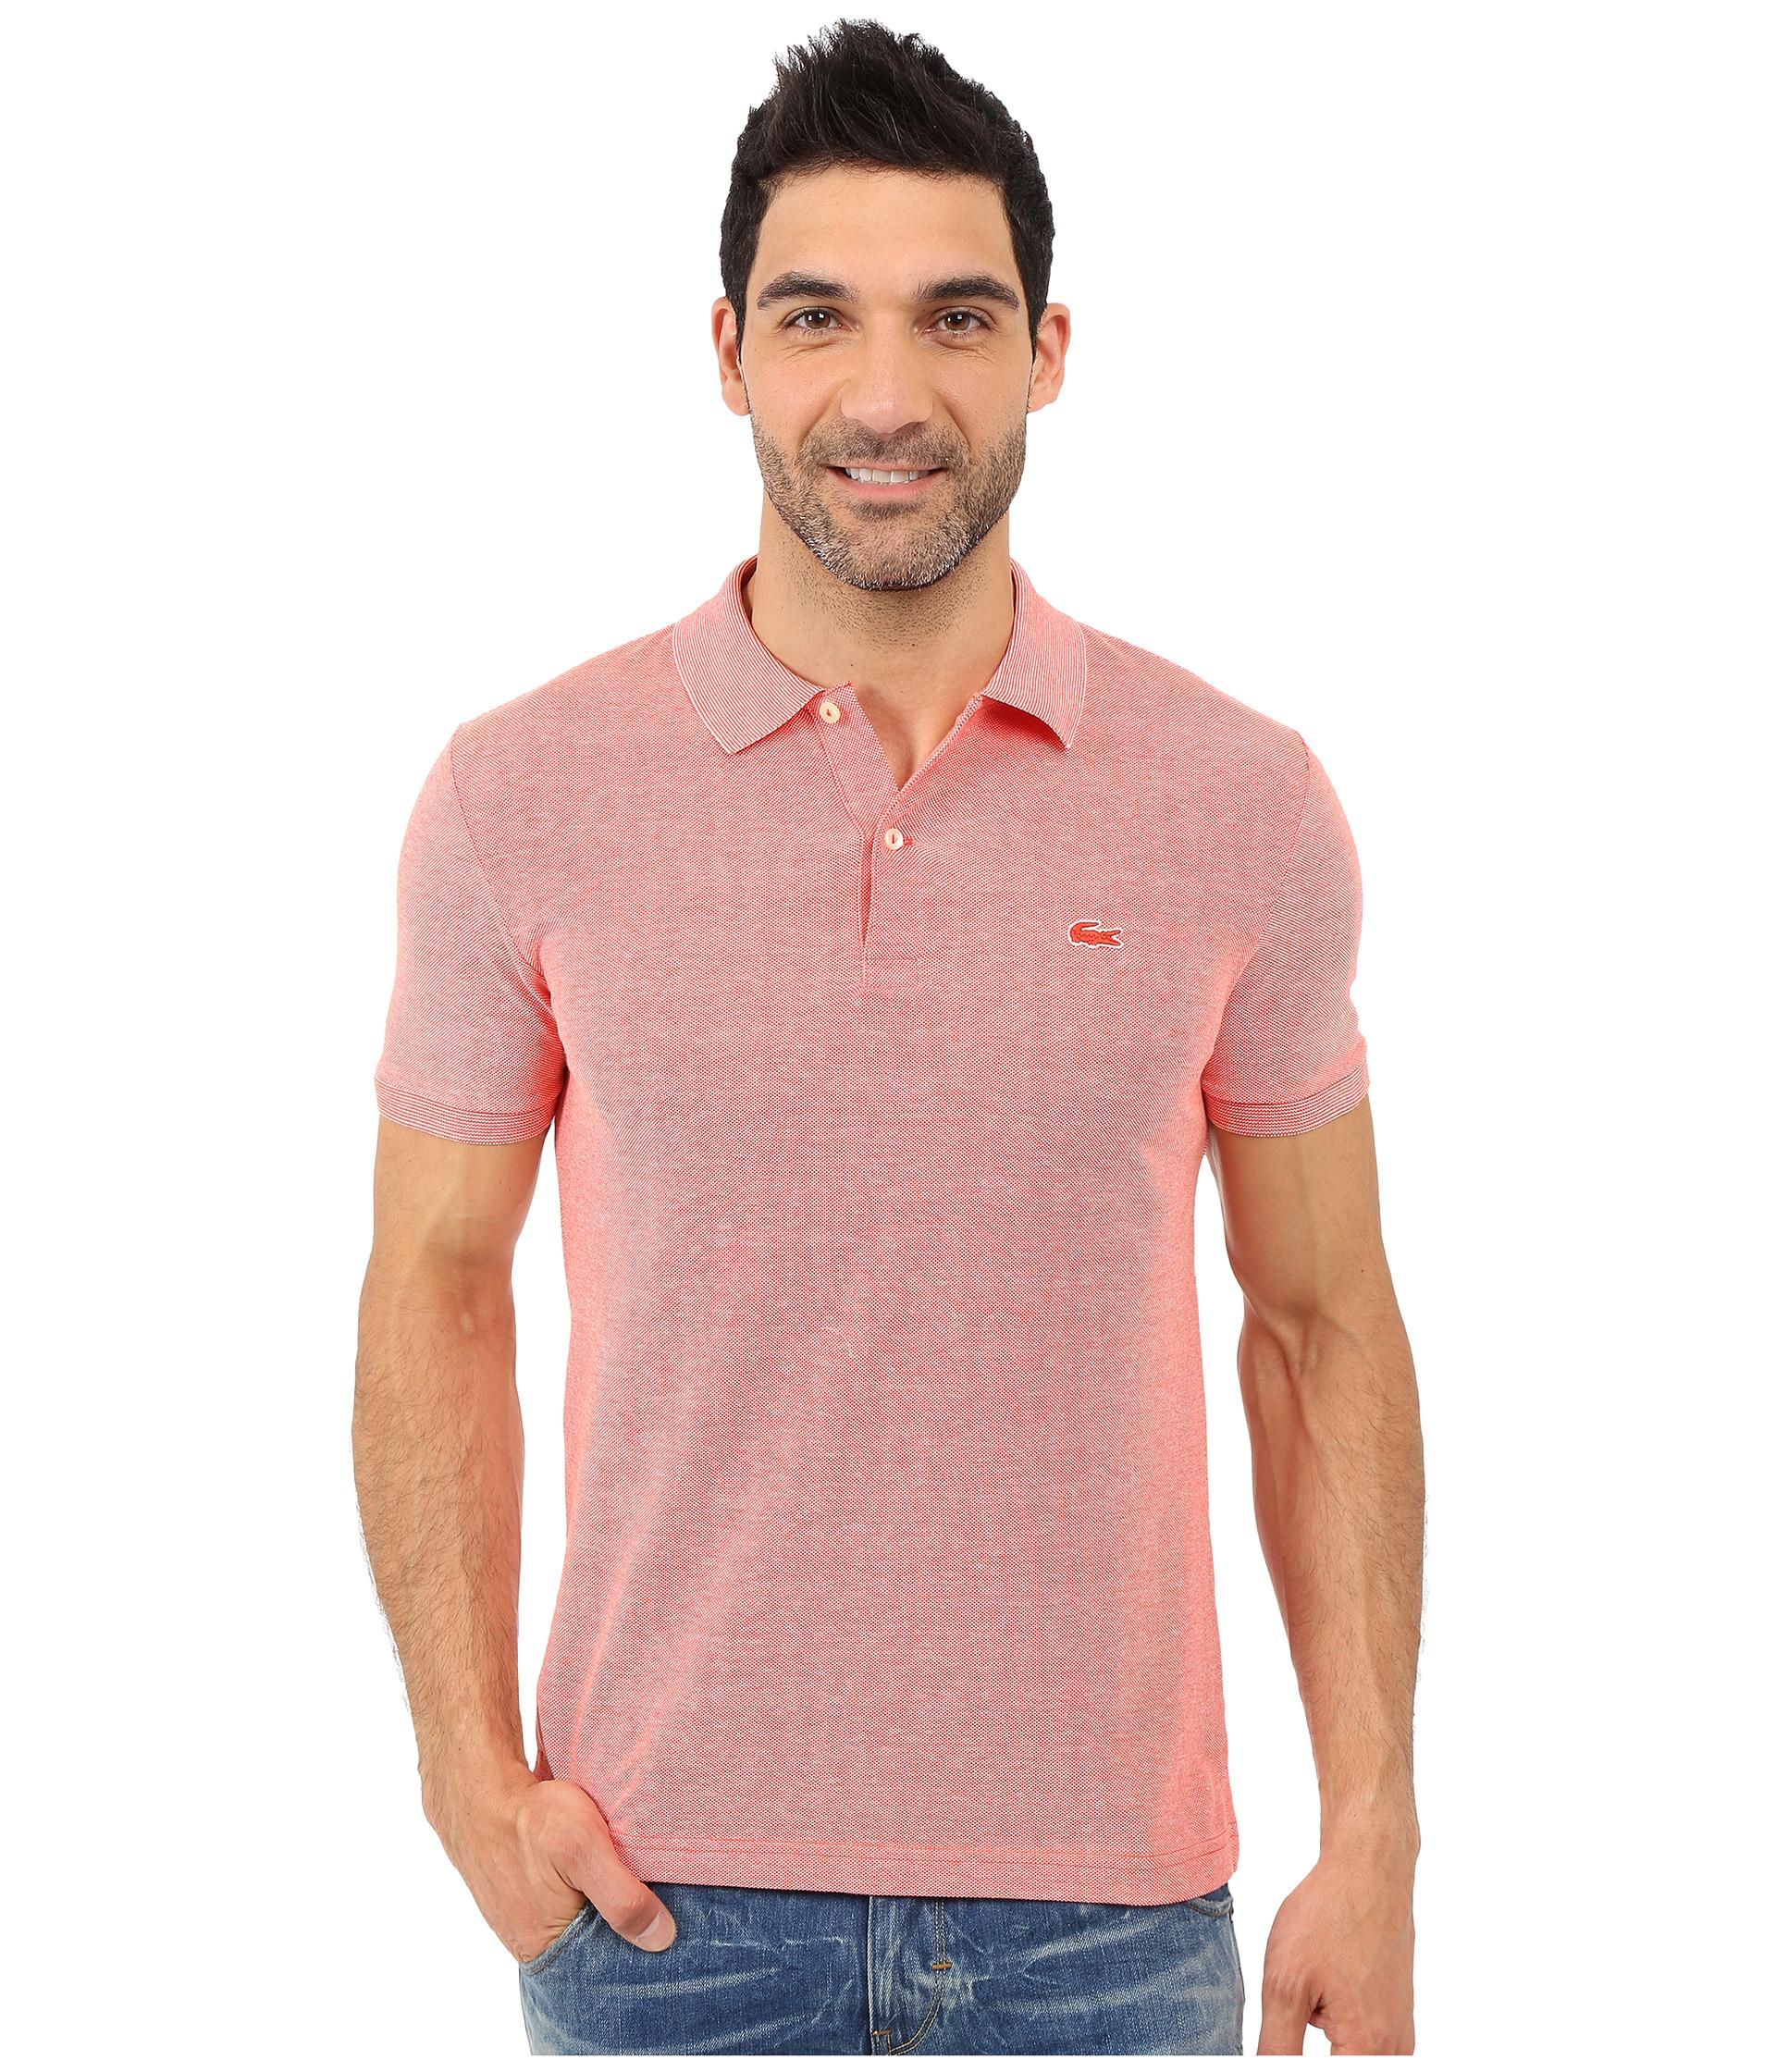 Lacoste caviar piqu polo shirt etna red flour zappos for Lacoste size 4 polo shirt